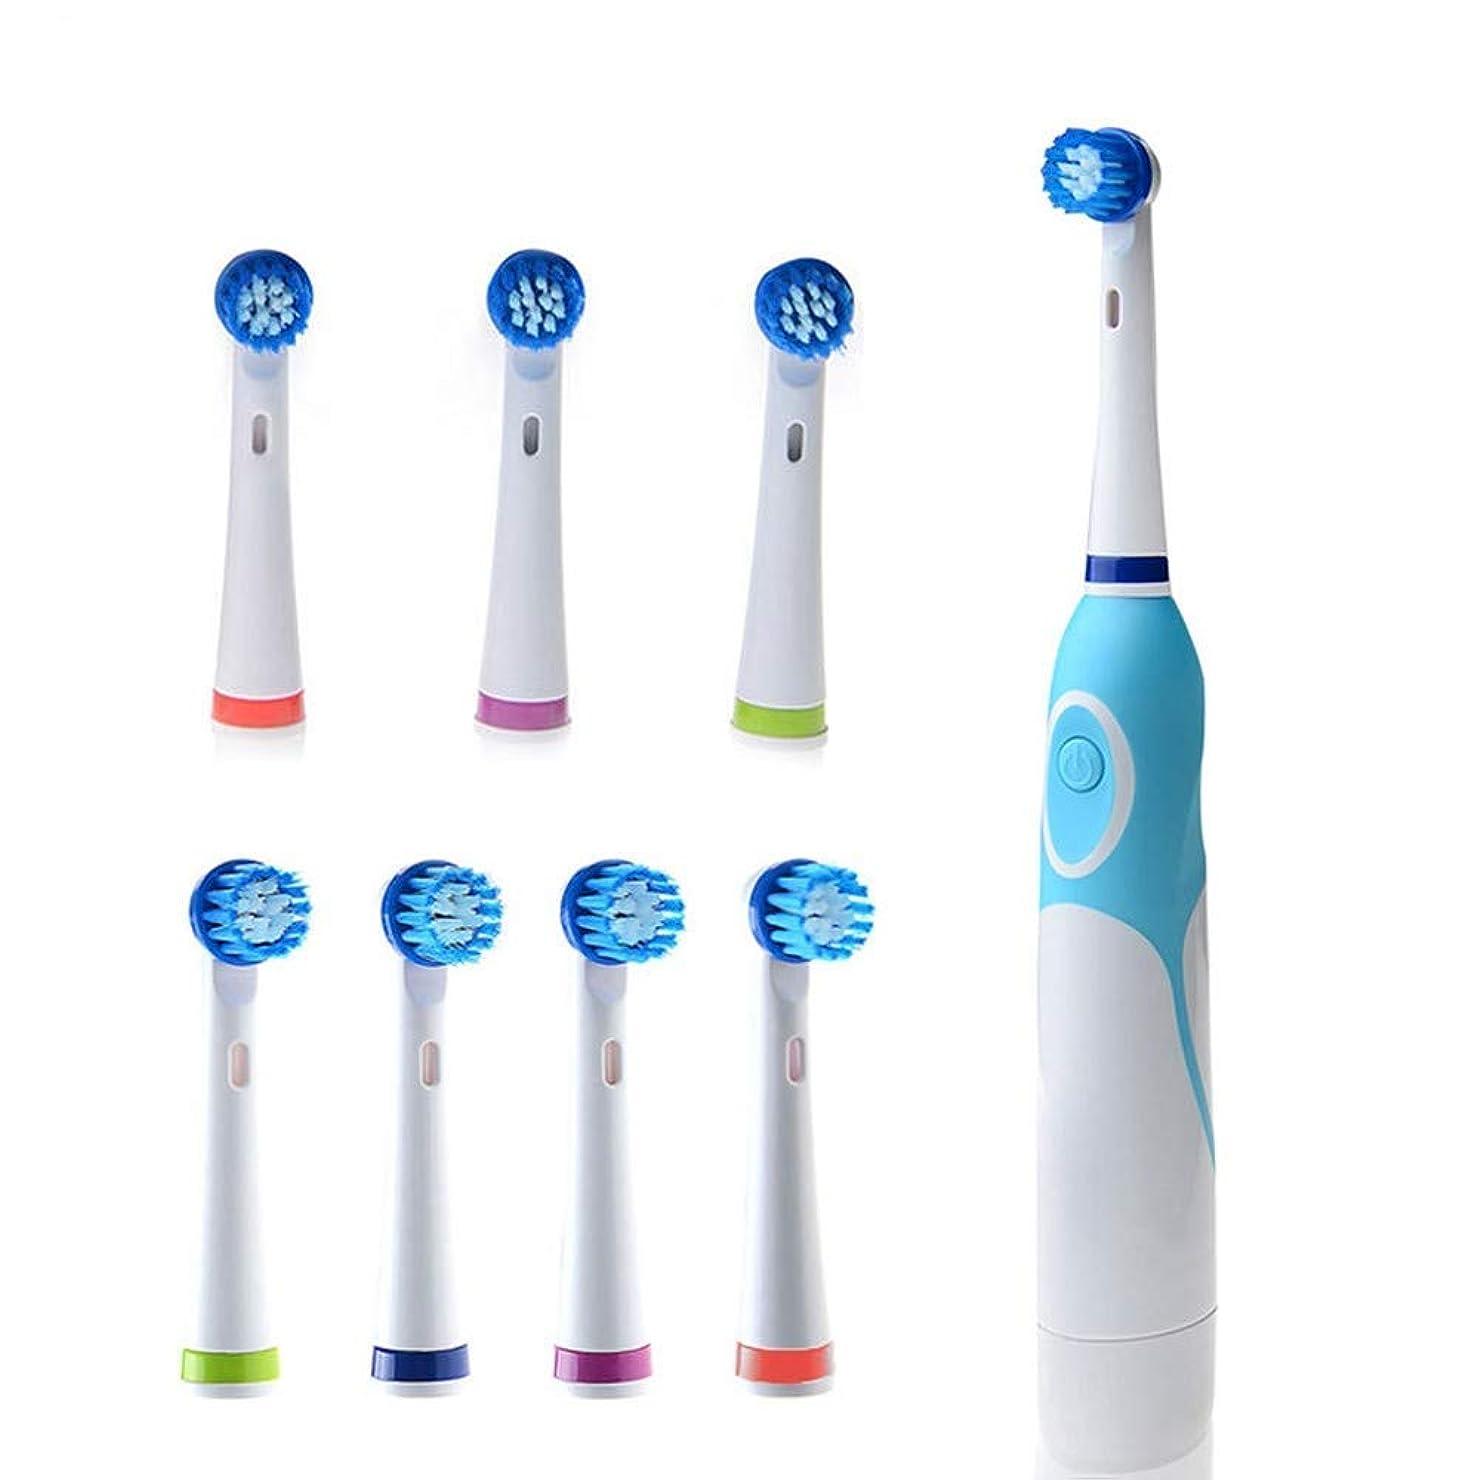 好色な名前でアプト電動歯ブラシ電動歯ブラシ回転歯ブラシ8回転ヘッド付き口腔衛生オーラルディープクリーニング用大人用